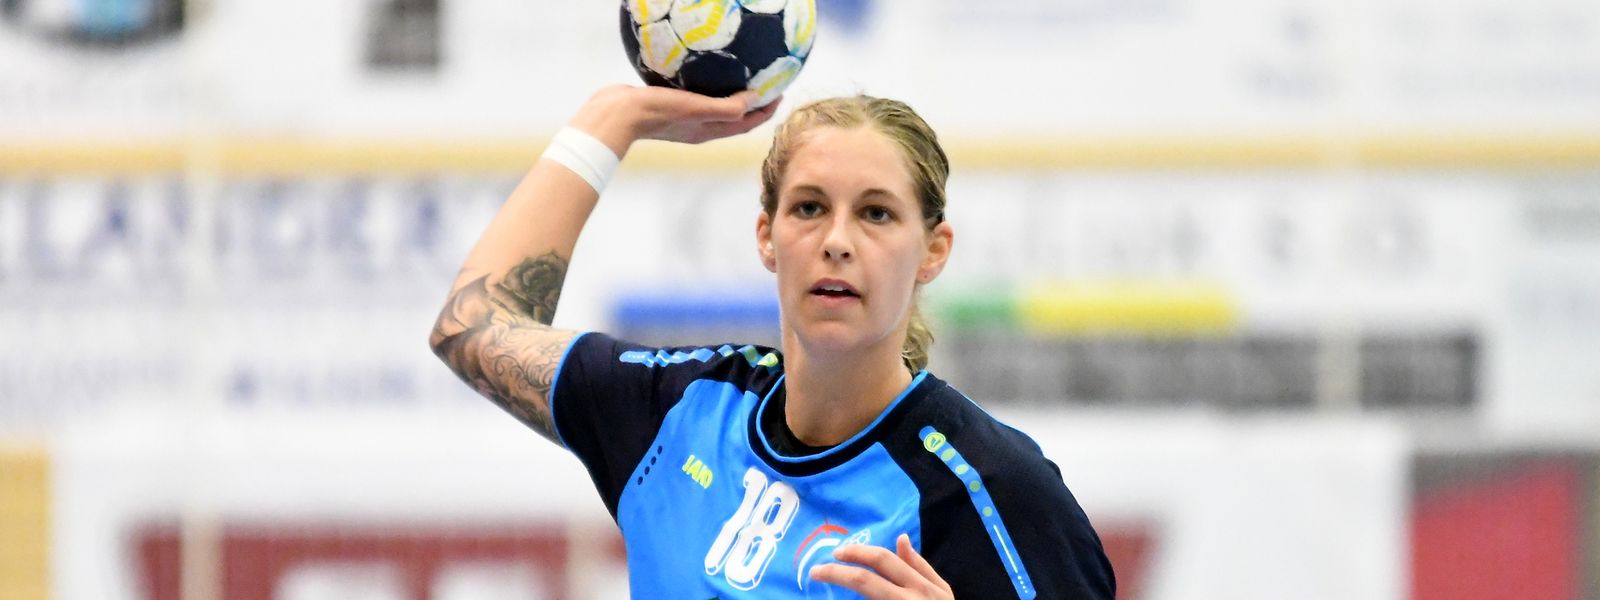 Tina Welter, hier im Trikot der Nationalmannschaft, spielt seit 2019 in der 1. Bundesliga.